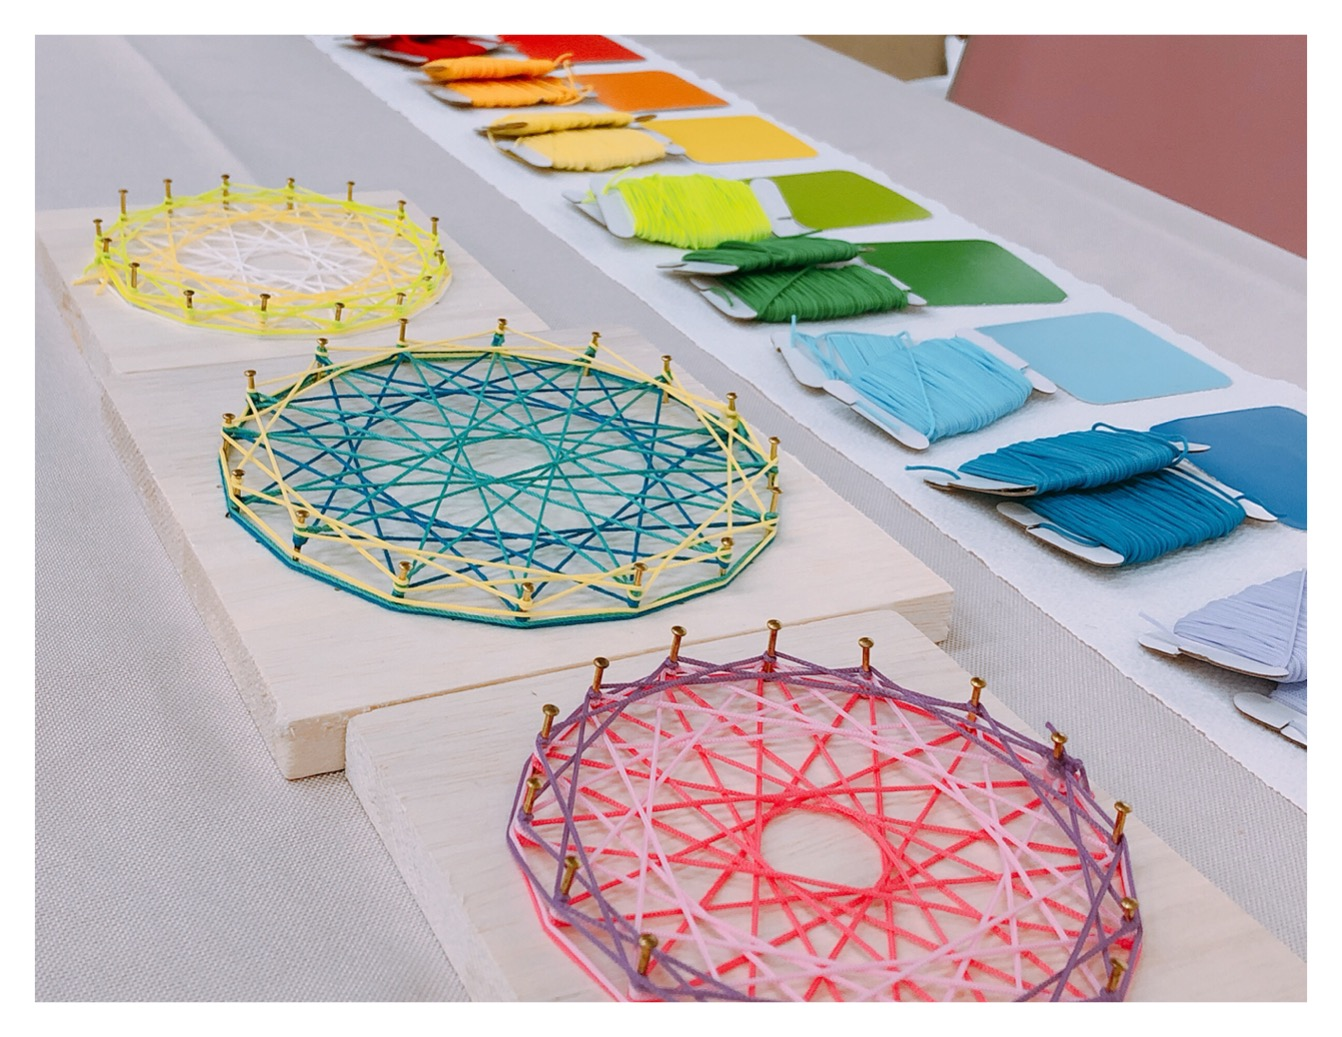 夏休み:色と遊ぼう 糸かけマンダラアート